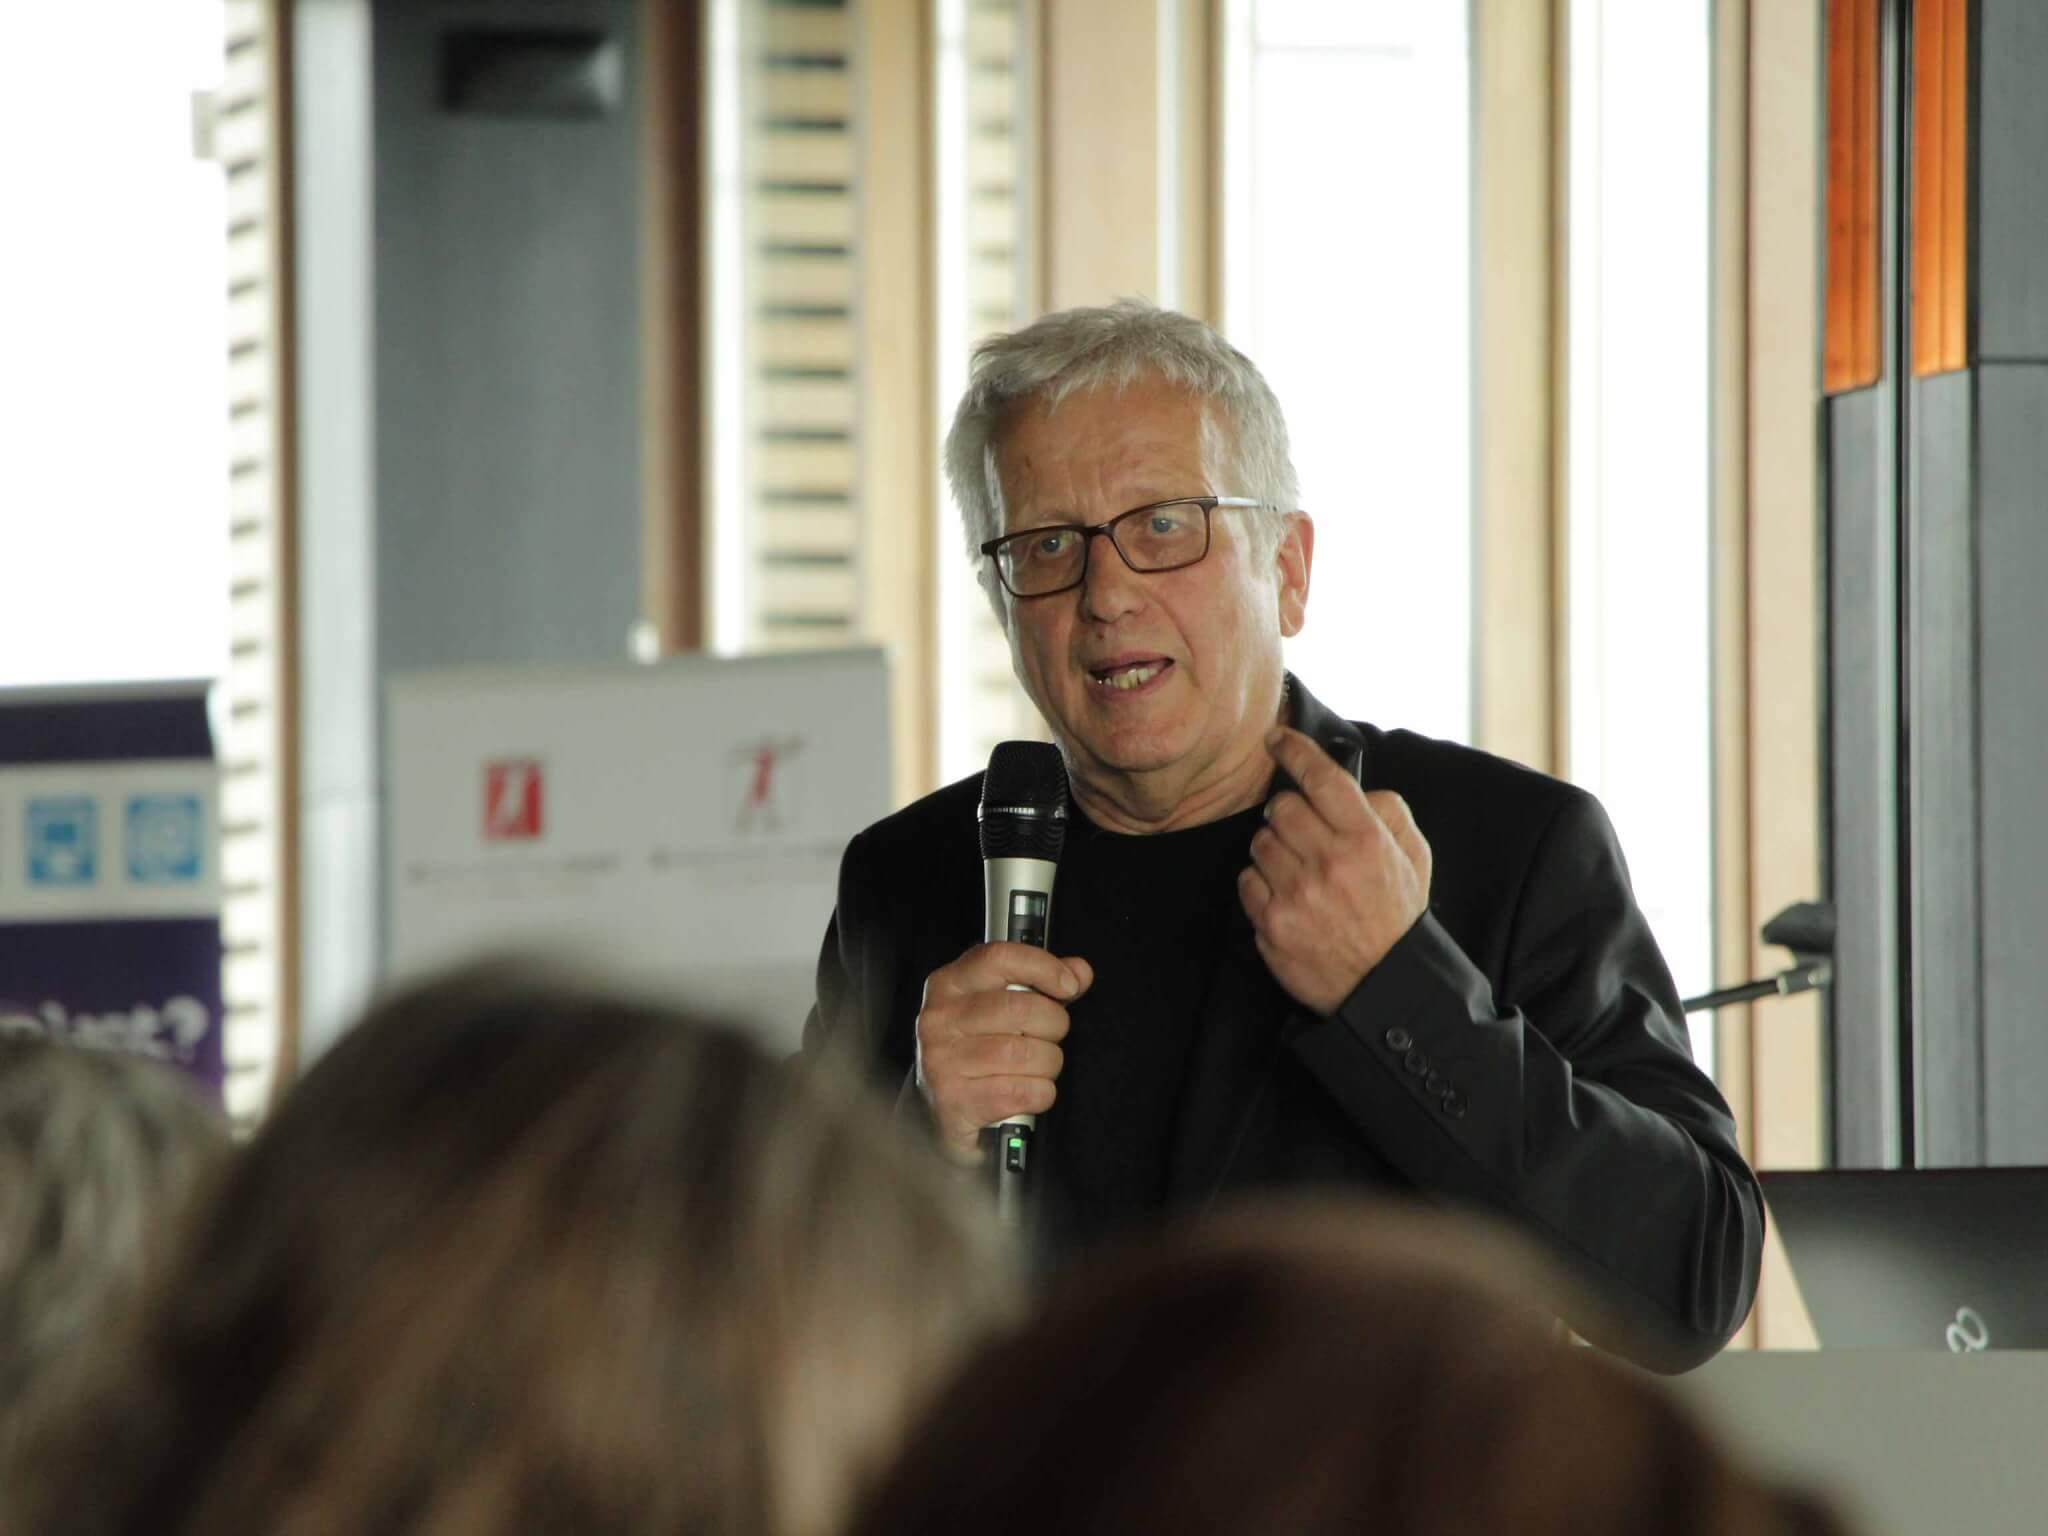 Günther Anfang, Leiter des Medienzentrum München, sprach sich dafür aus, die Kinder möglichst früh an die sinnvolle Nutzung digitaler Medien heranzuführen.